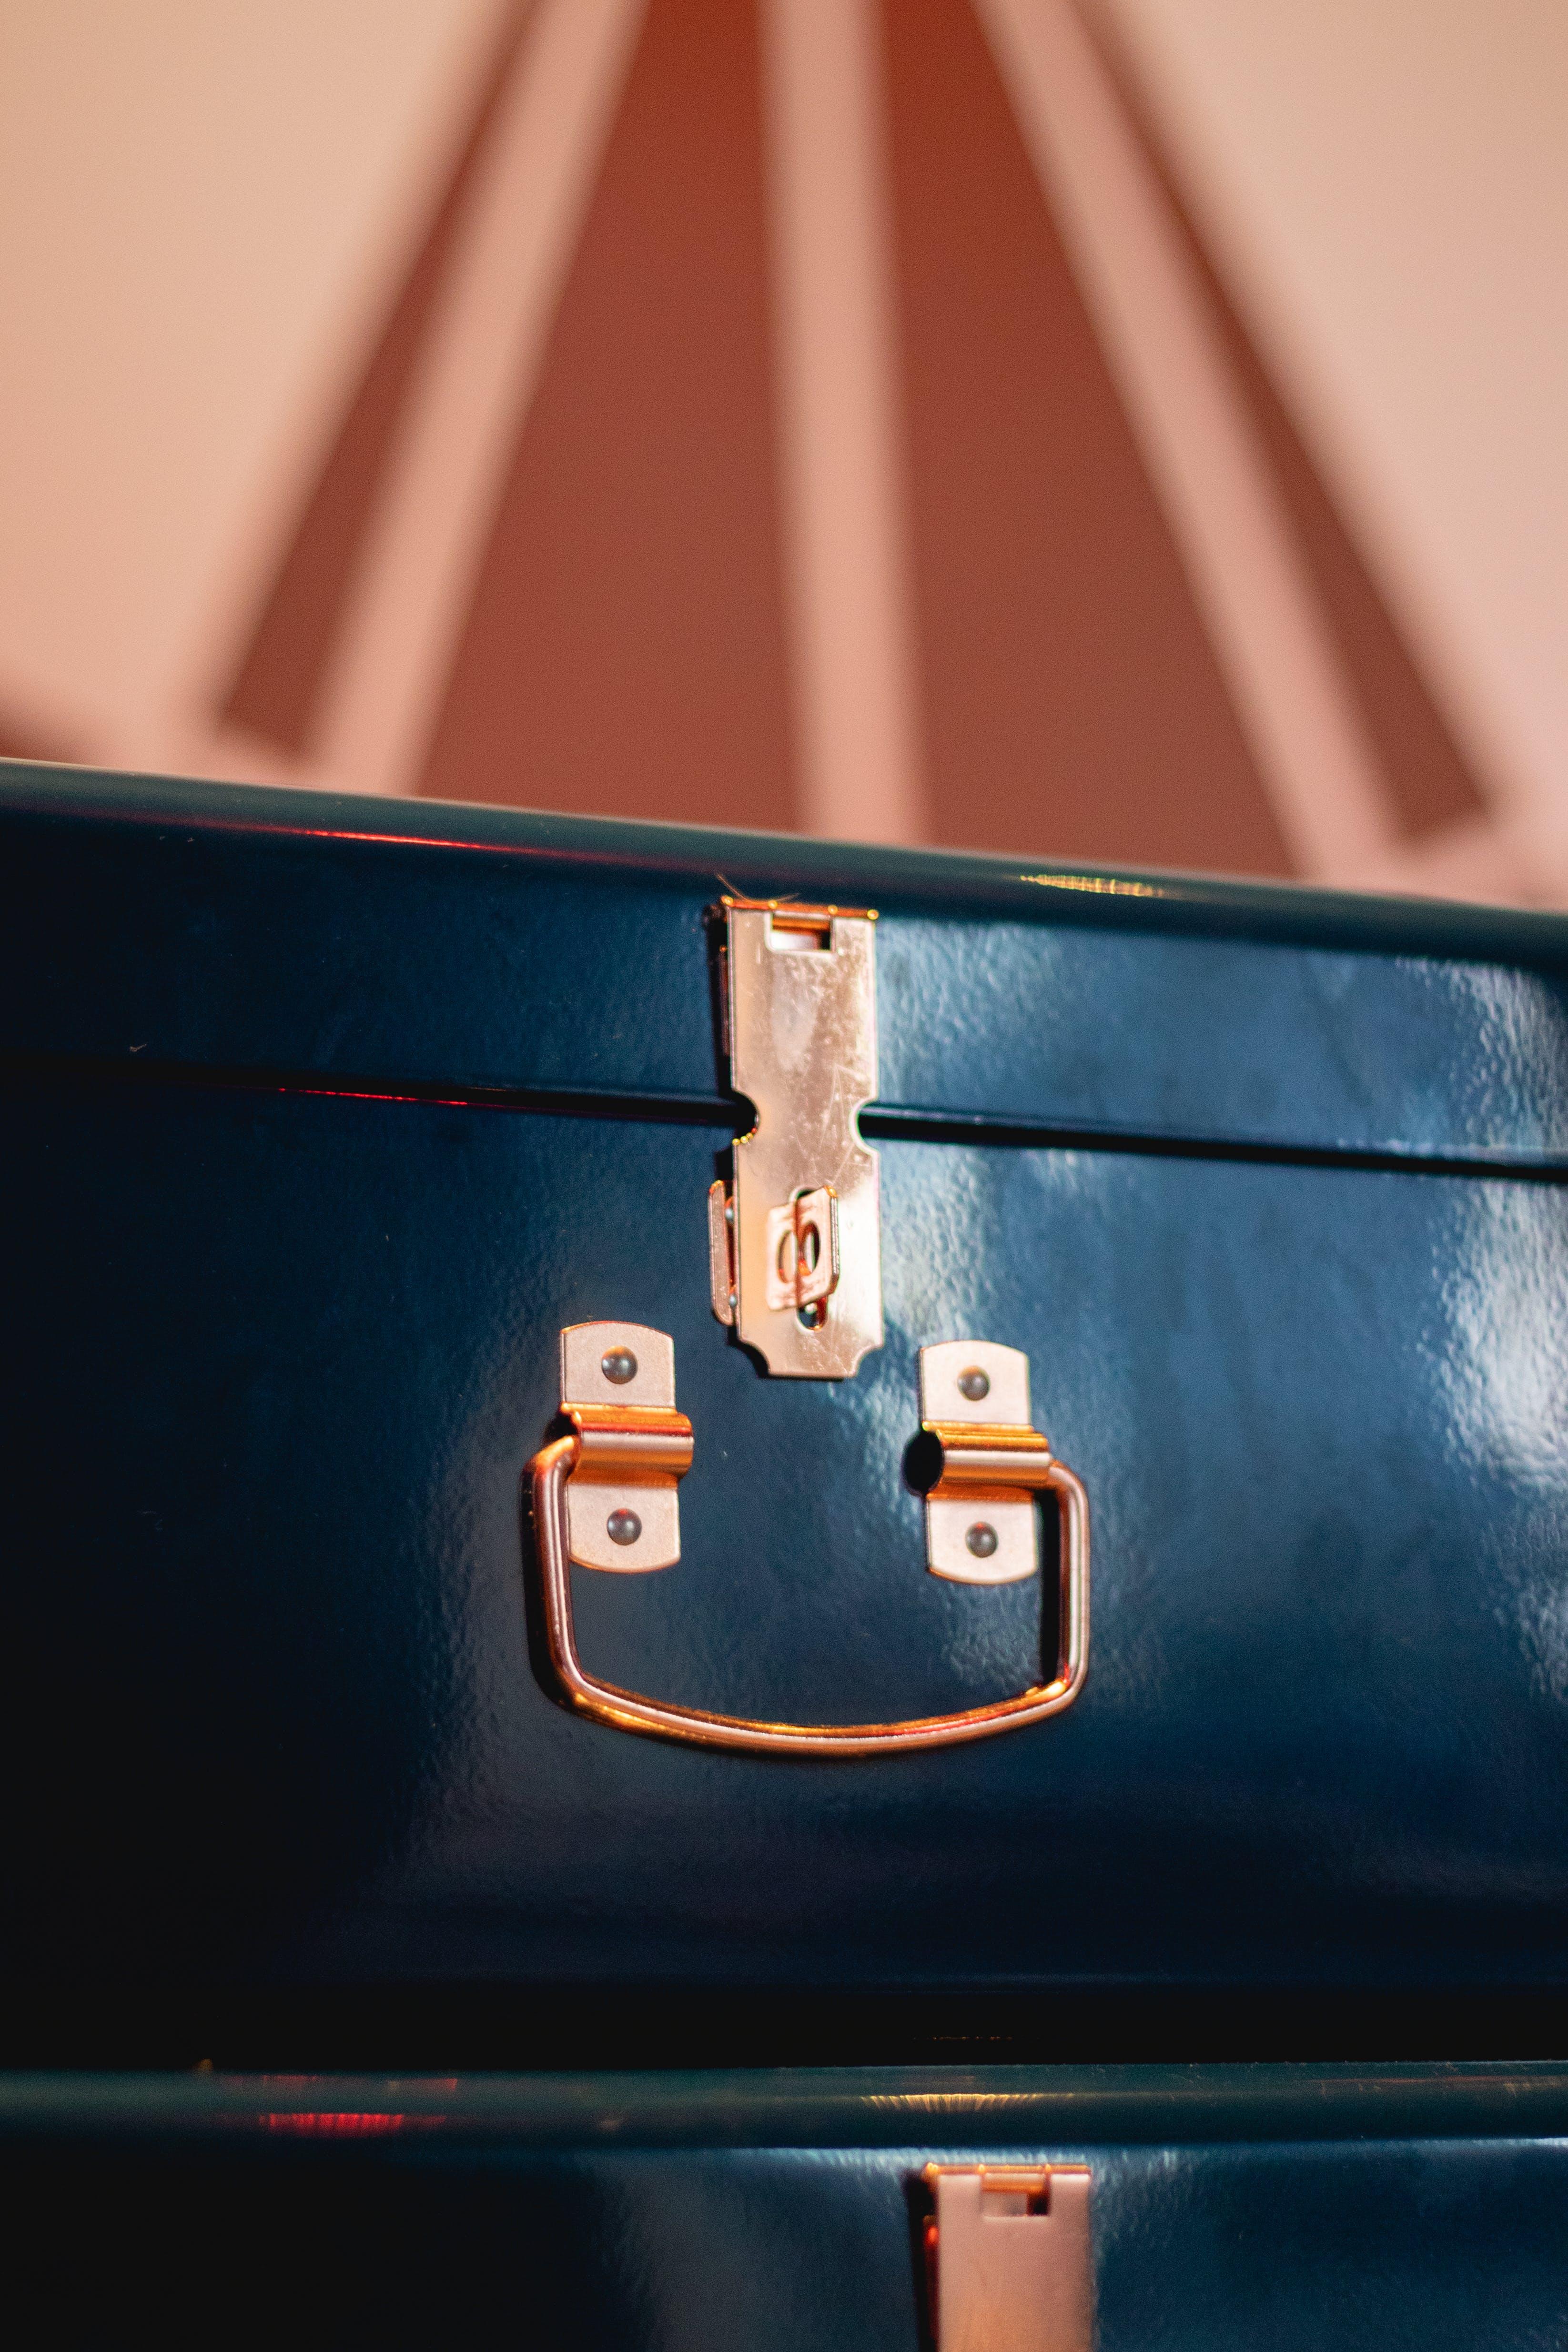 インドア, スーツケース, フォーカス, レザーの無料の写真素材